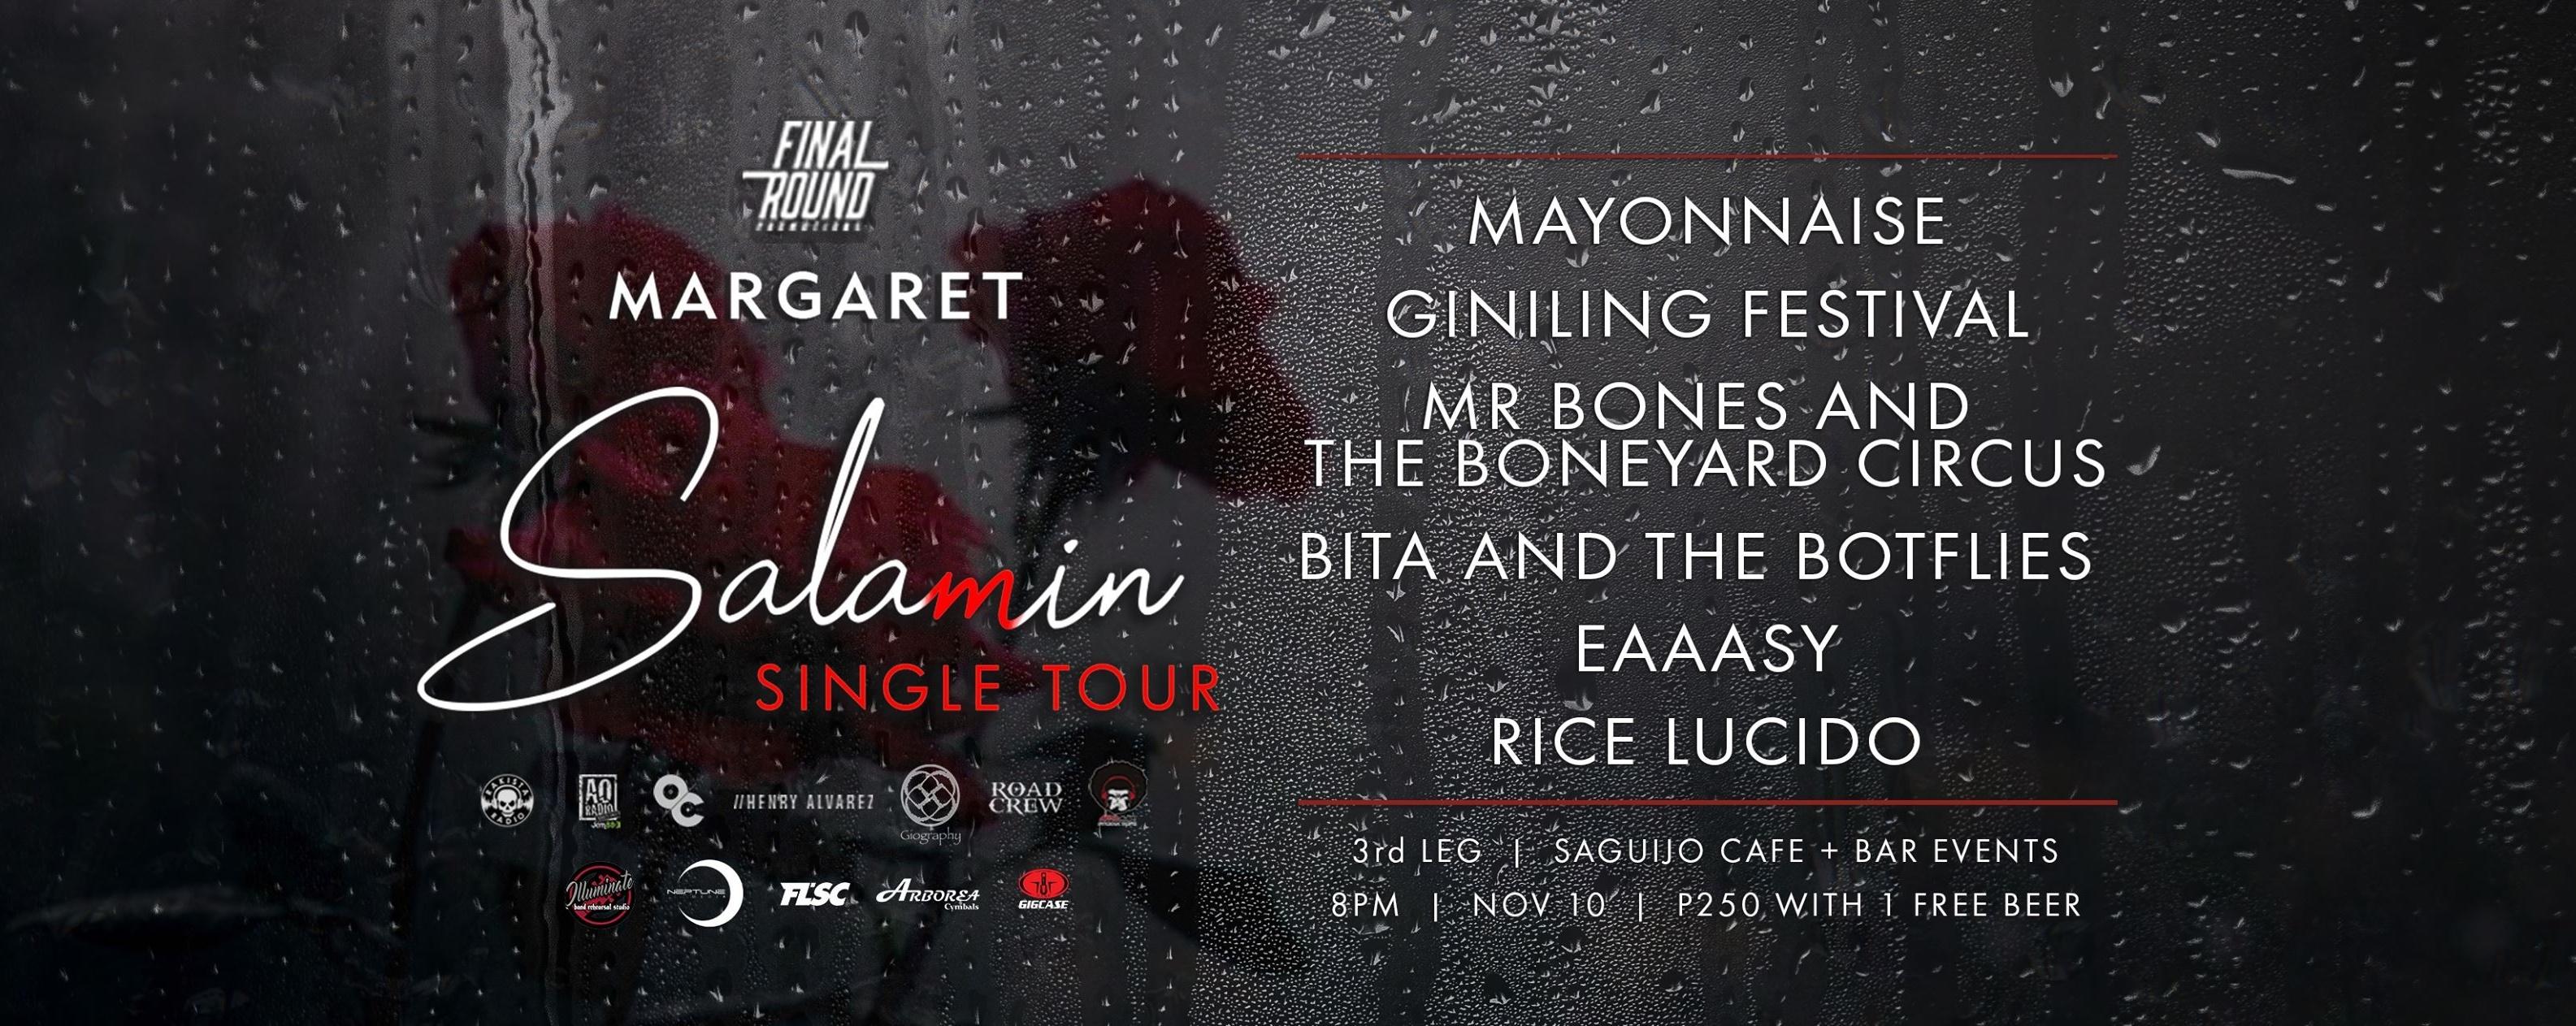 Salamin Single Tour (3rd leg)